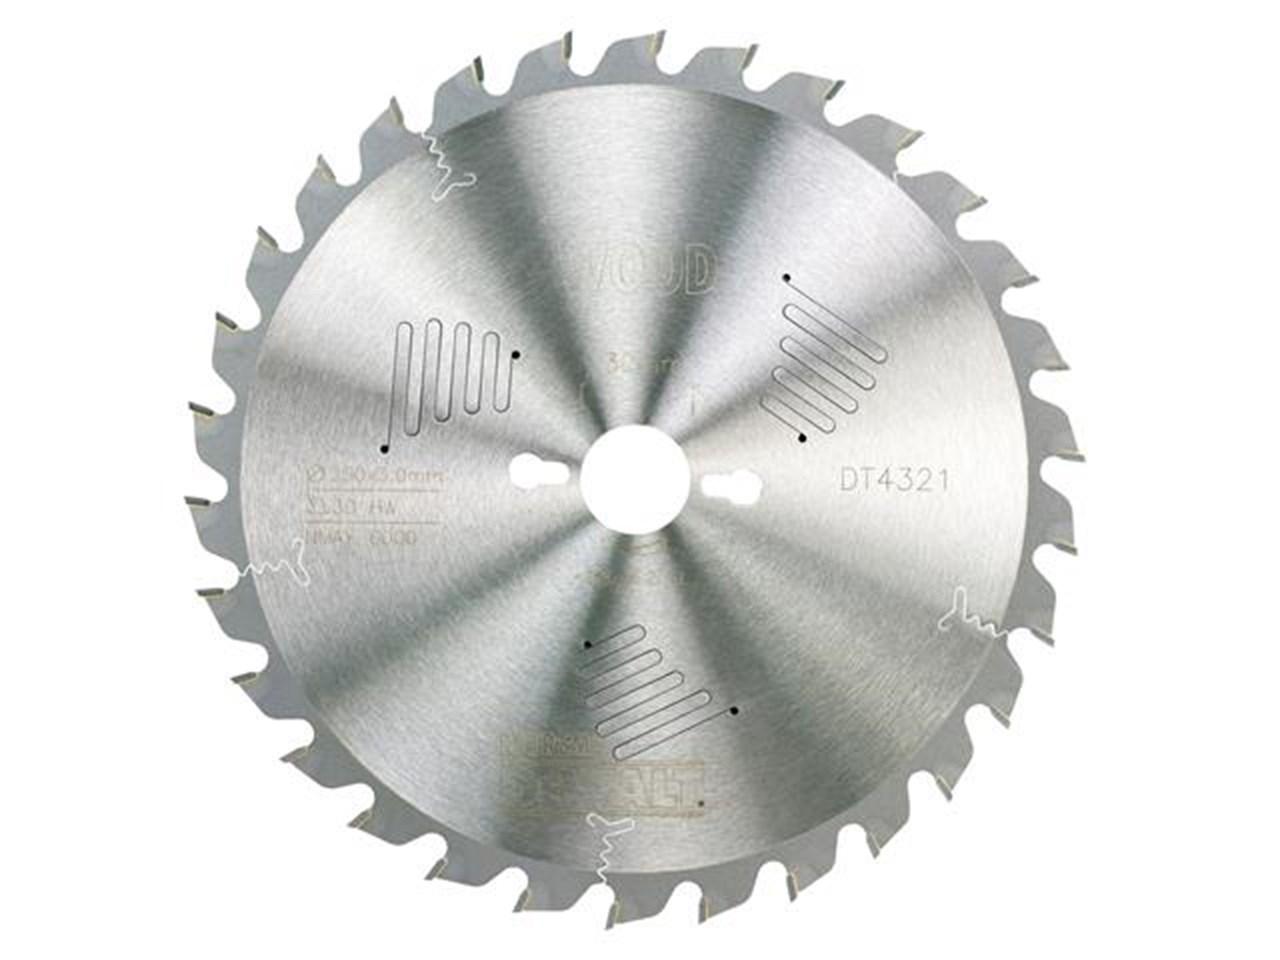 Dewalt dt4321qz circular saw blade extreme 250mm x 30mm x 30t greentooth Gallery